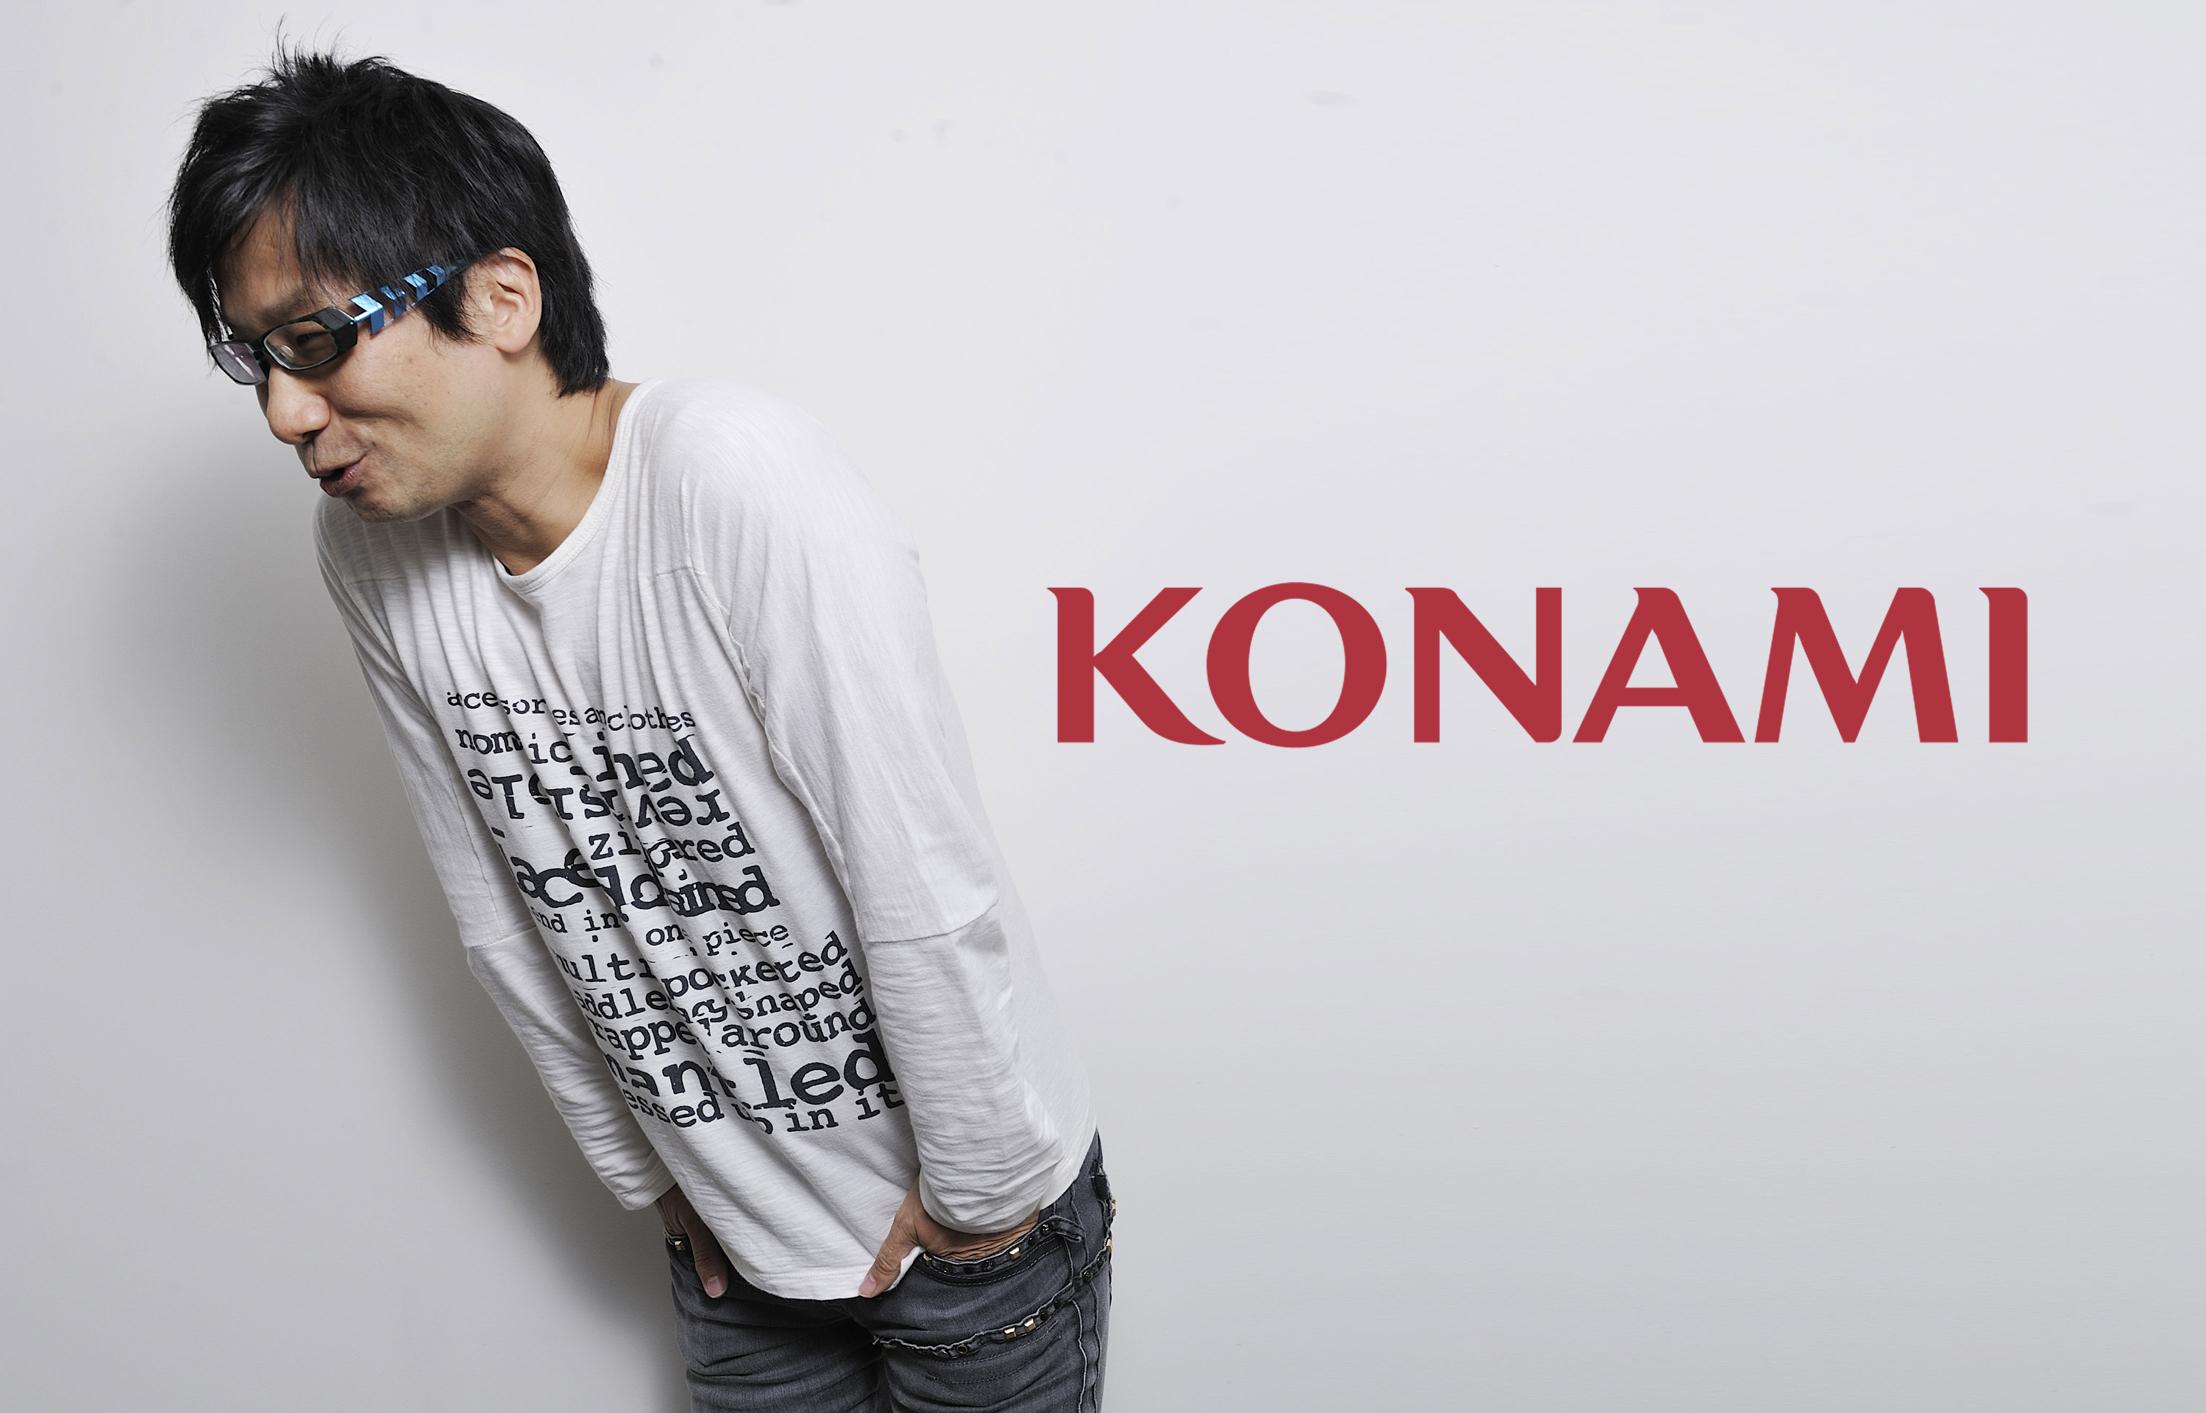 Kojima3